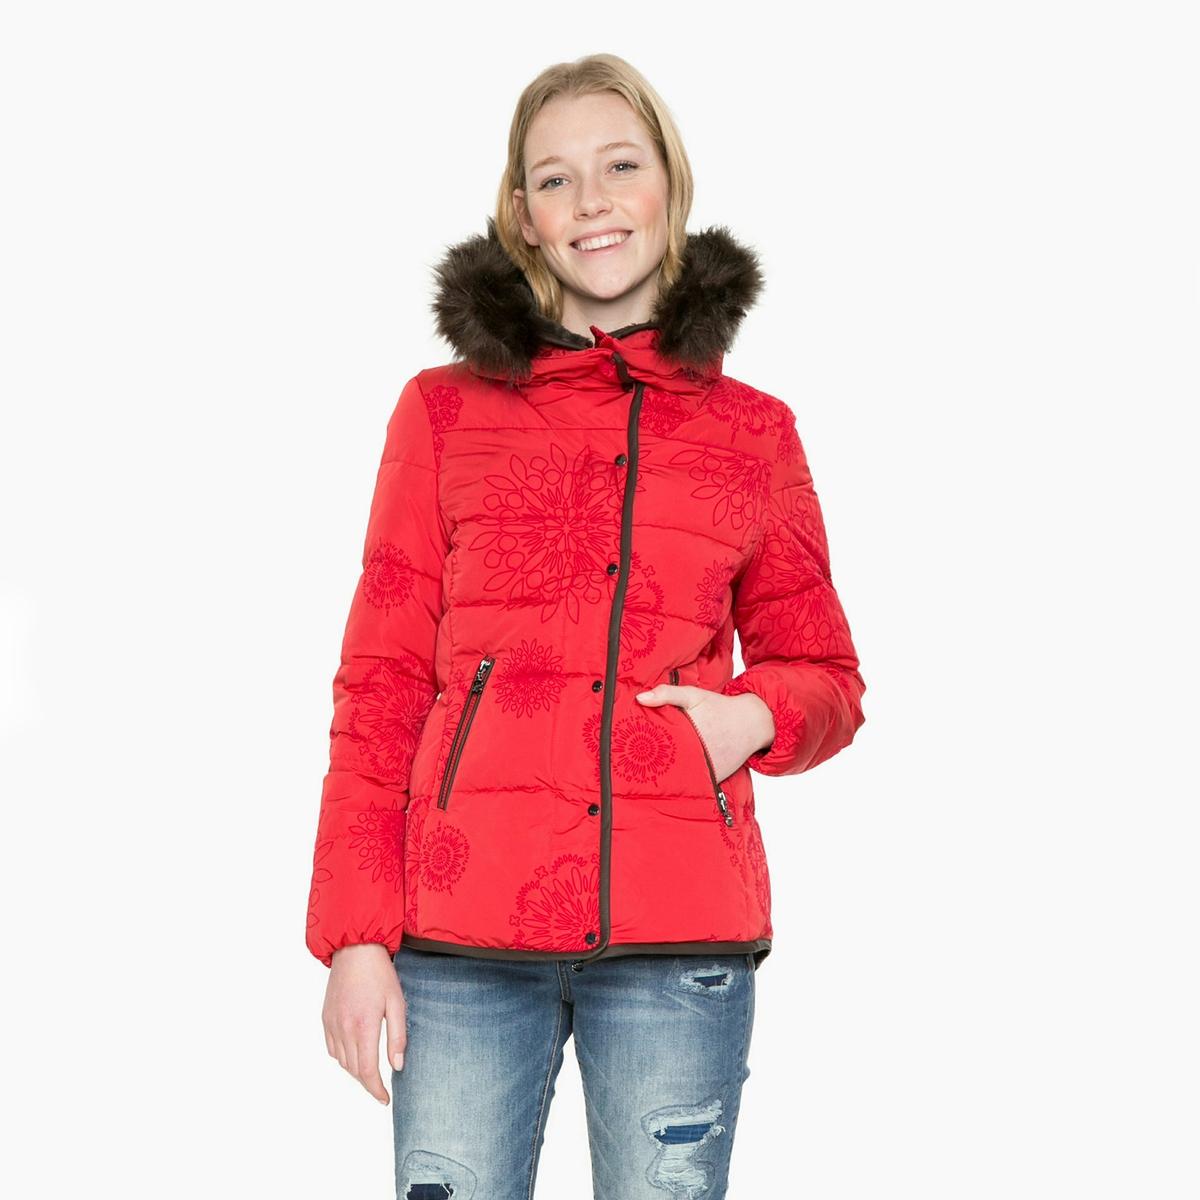 Пальто короткое с капюшономОписание:Стеганое пальто DESIGUAL для защиты от холода этой зимой. Капюшон убирается в воротник-стойку, отороченный искусственным мехом. Пальто на молнии, украшенное бархатистыми узорами из велюра.Детали •  Длина : укороченная   •  Капюшон •  Застежка на молнию •  С капюшономСостав и уход •  100% полиэстер •  Следуйте рекомендациям по уходу, указанным на этикетке изделия<br><br>Цвет: красный<br>Размер: 46 (FR) - 52 (RUS).38 (FR) - 44 (RUS)